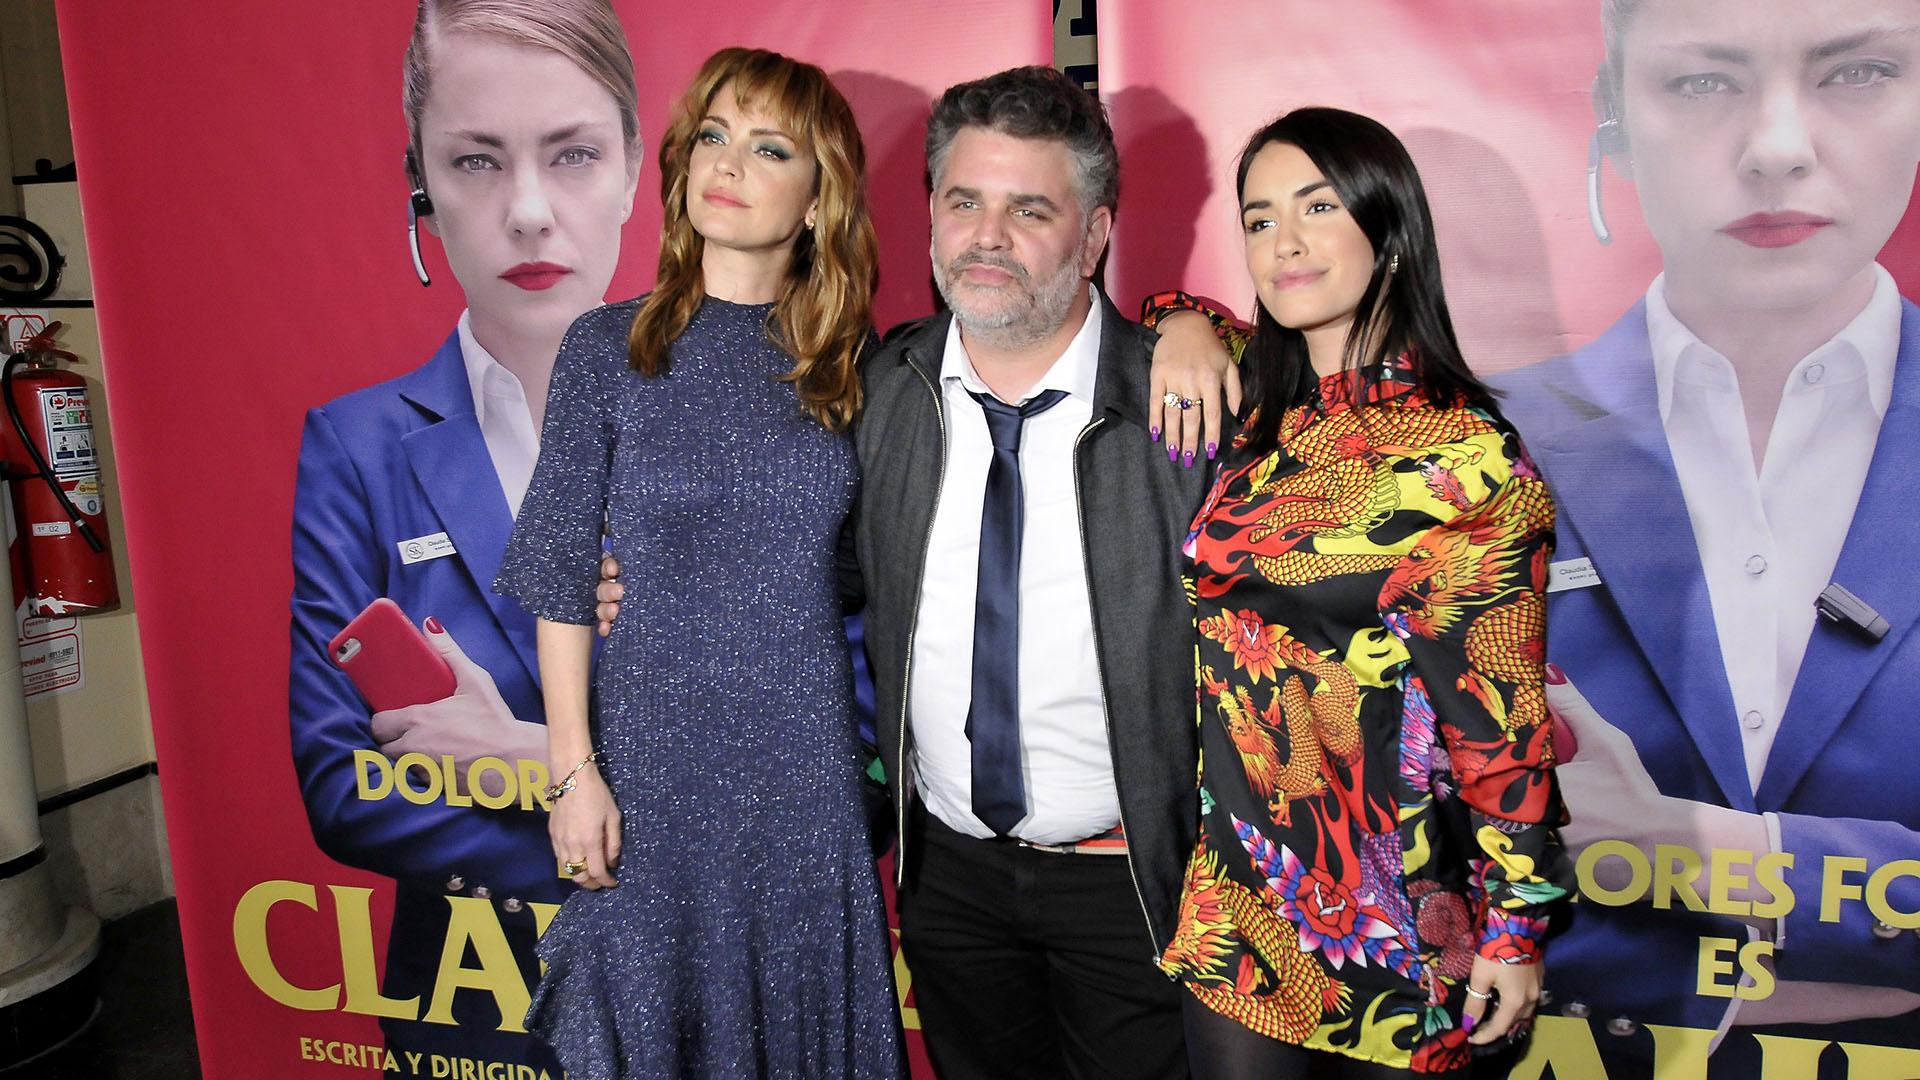 Dolores Fonzi, Sebastián De Caro y Lali Espósito